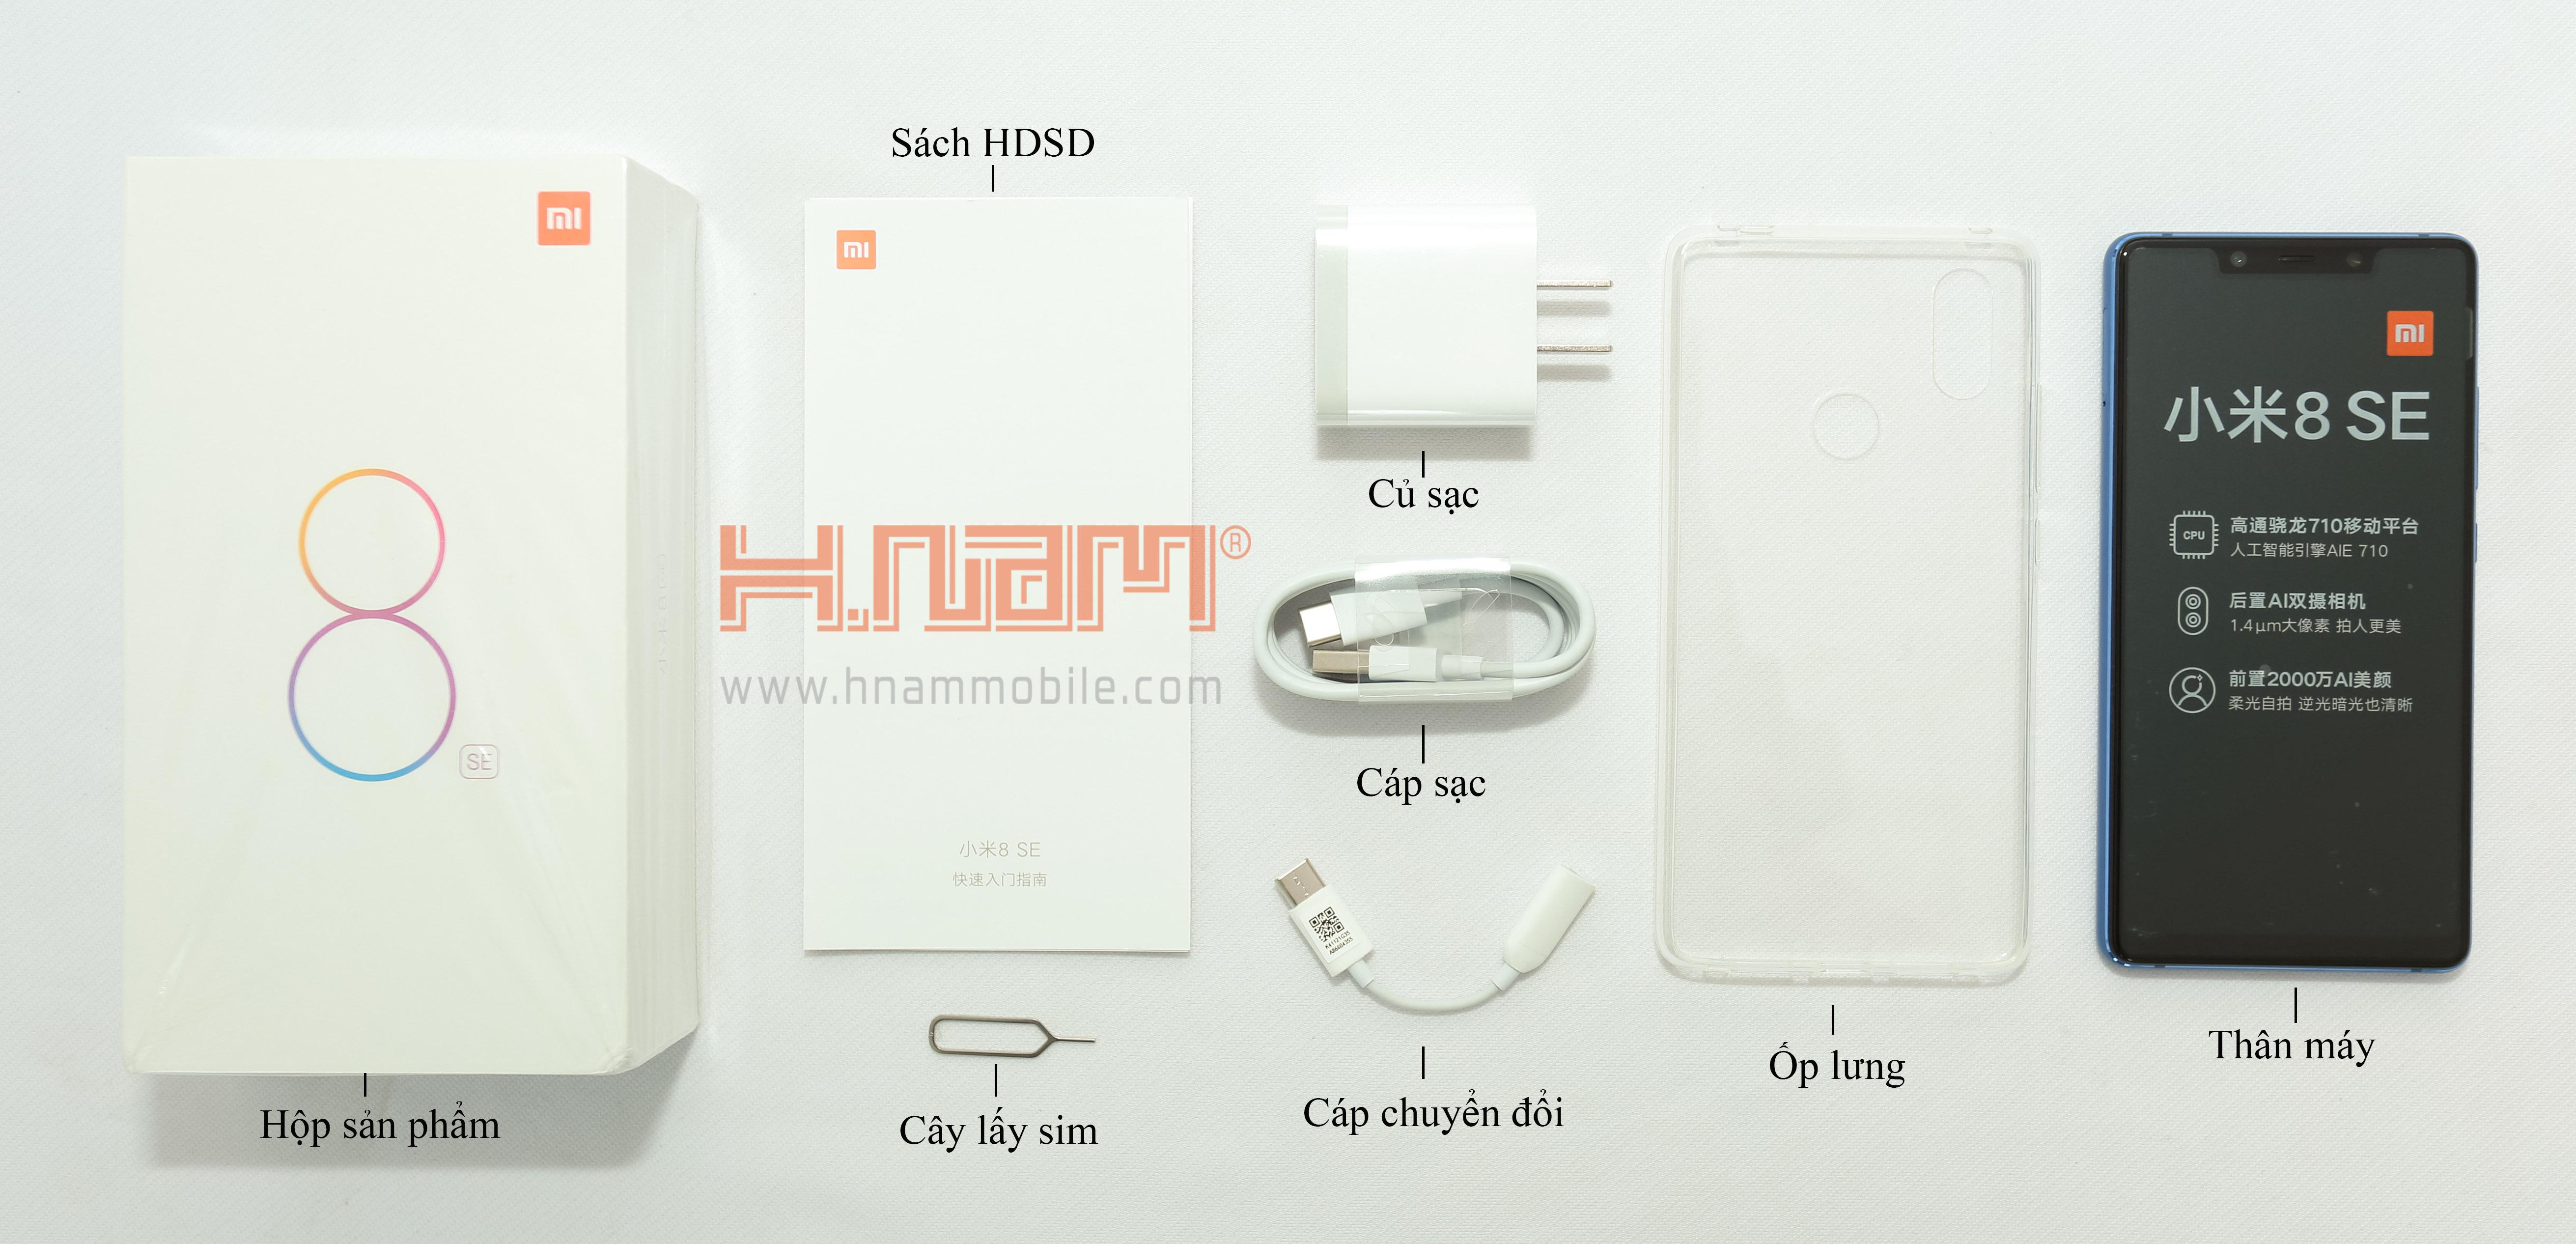 Xiaomi Mi 8 SE 64GB Ram 4GB hình sản phẩm 0